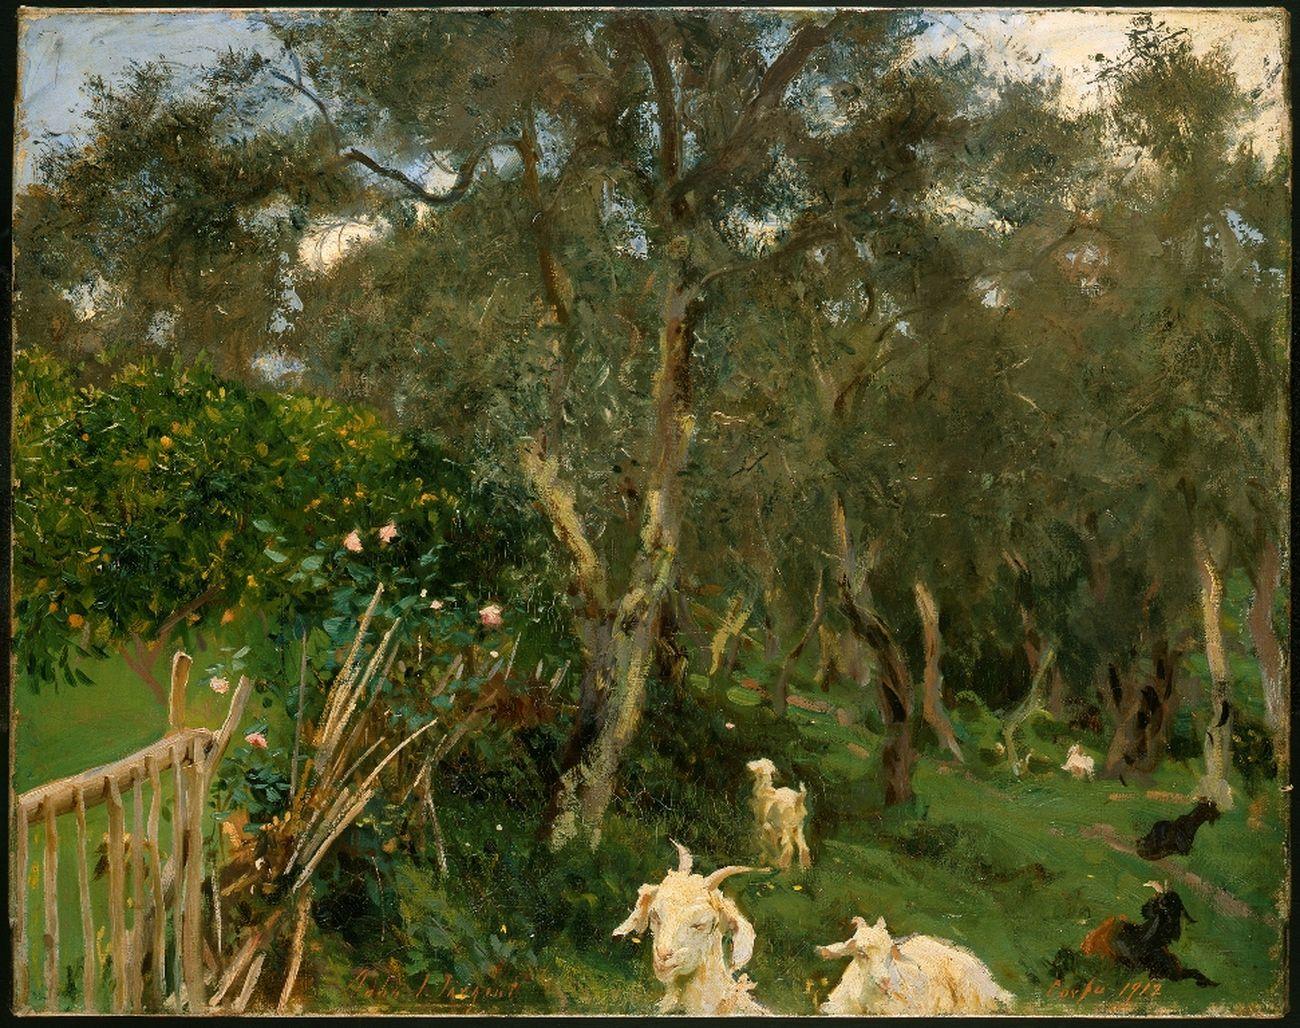 John Singer Sargent, Olives in Corfu, 1909 ca. © The Fitzwilliam Museum, Cambridge